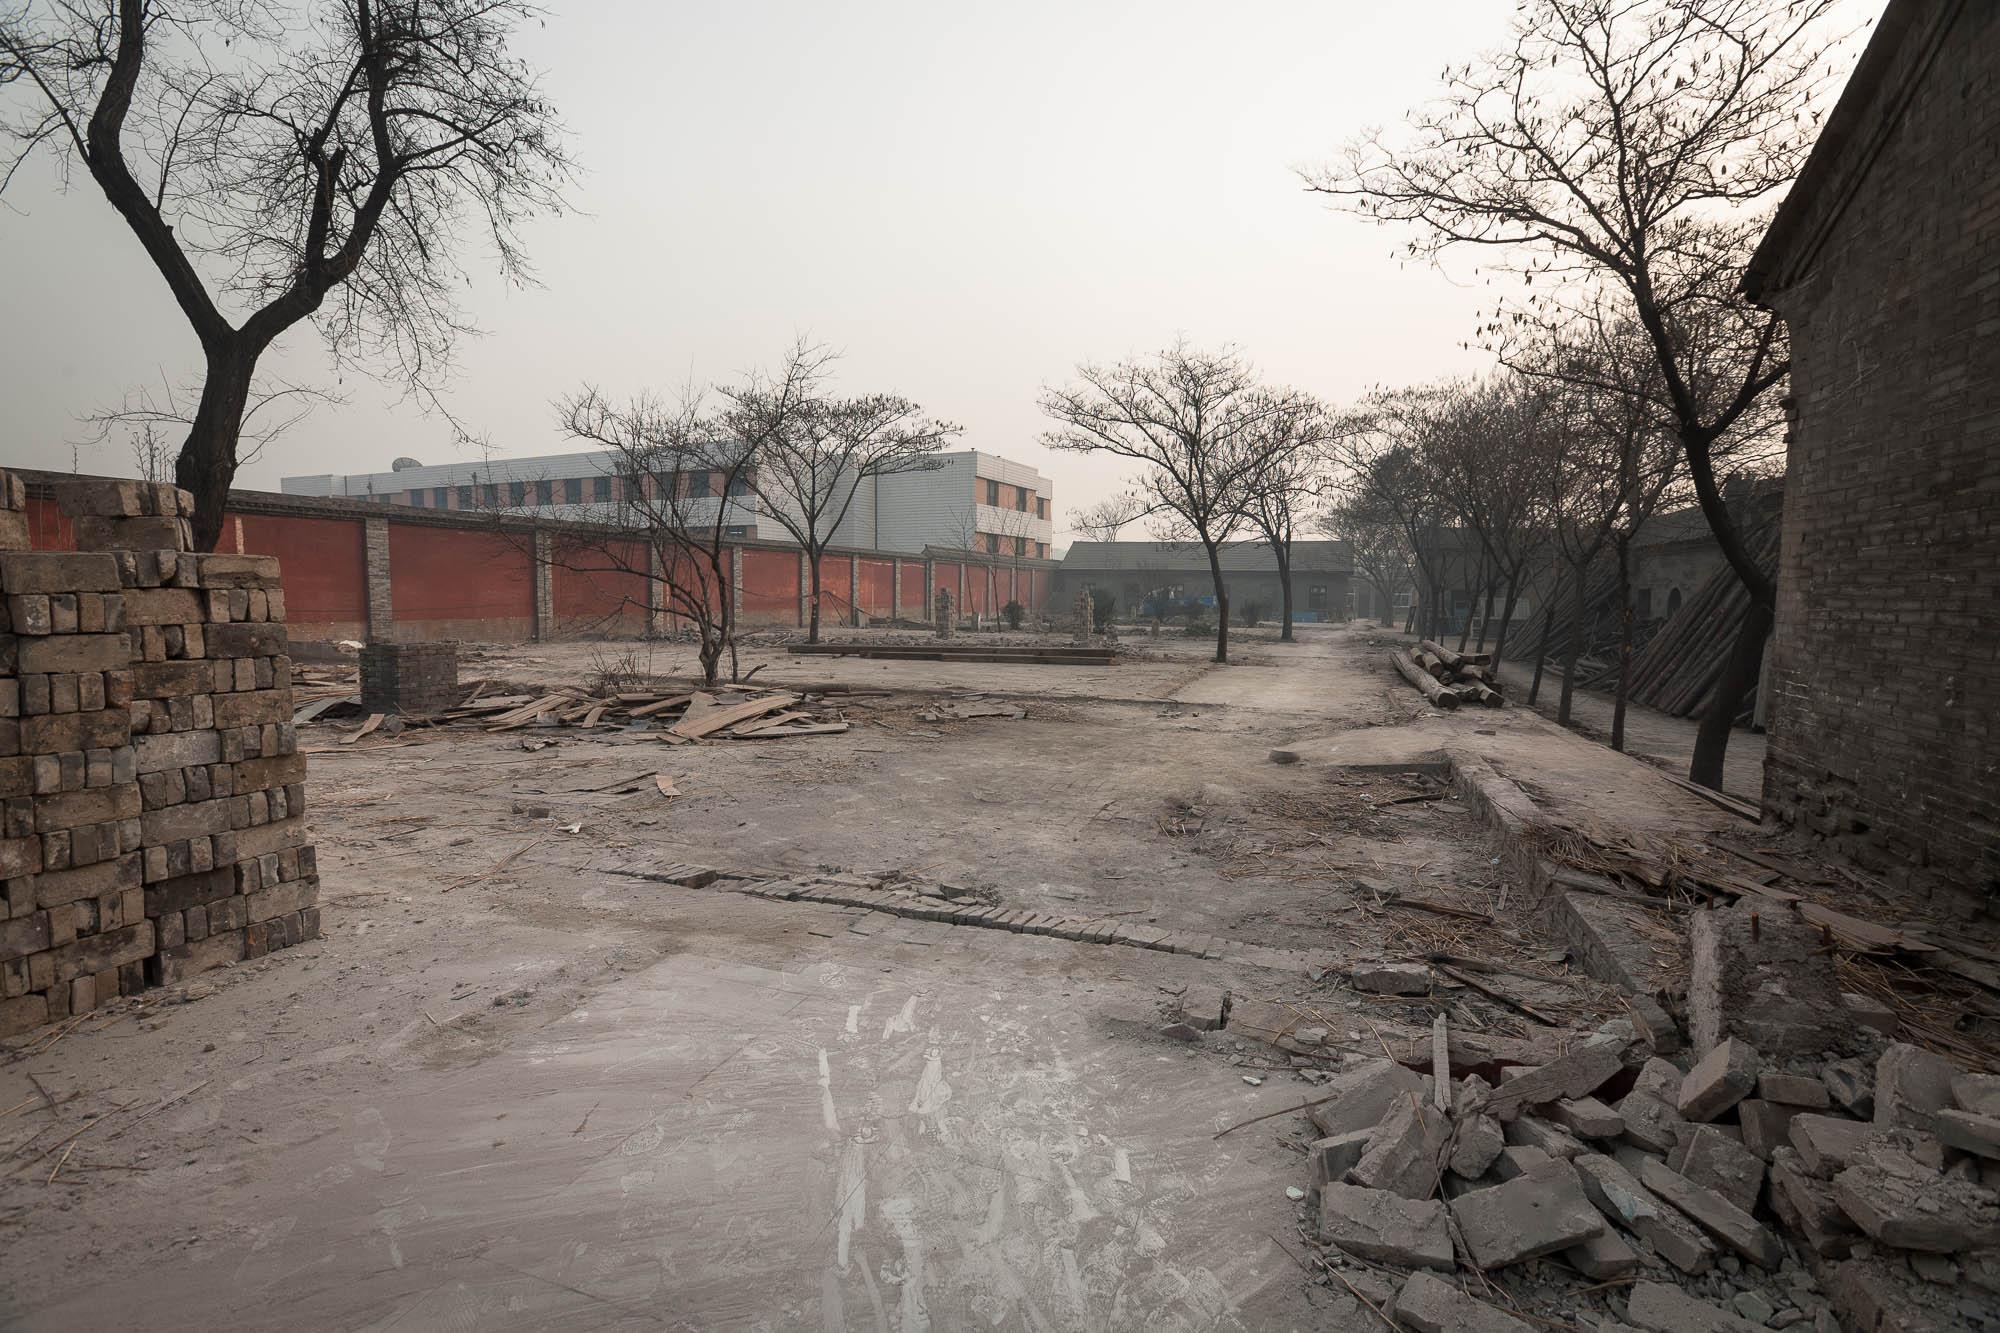 Huozhoushu construction